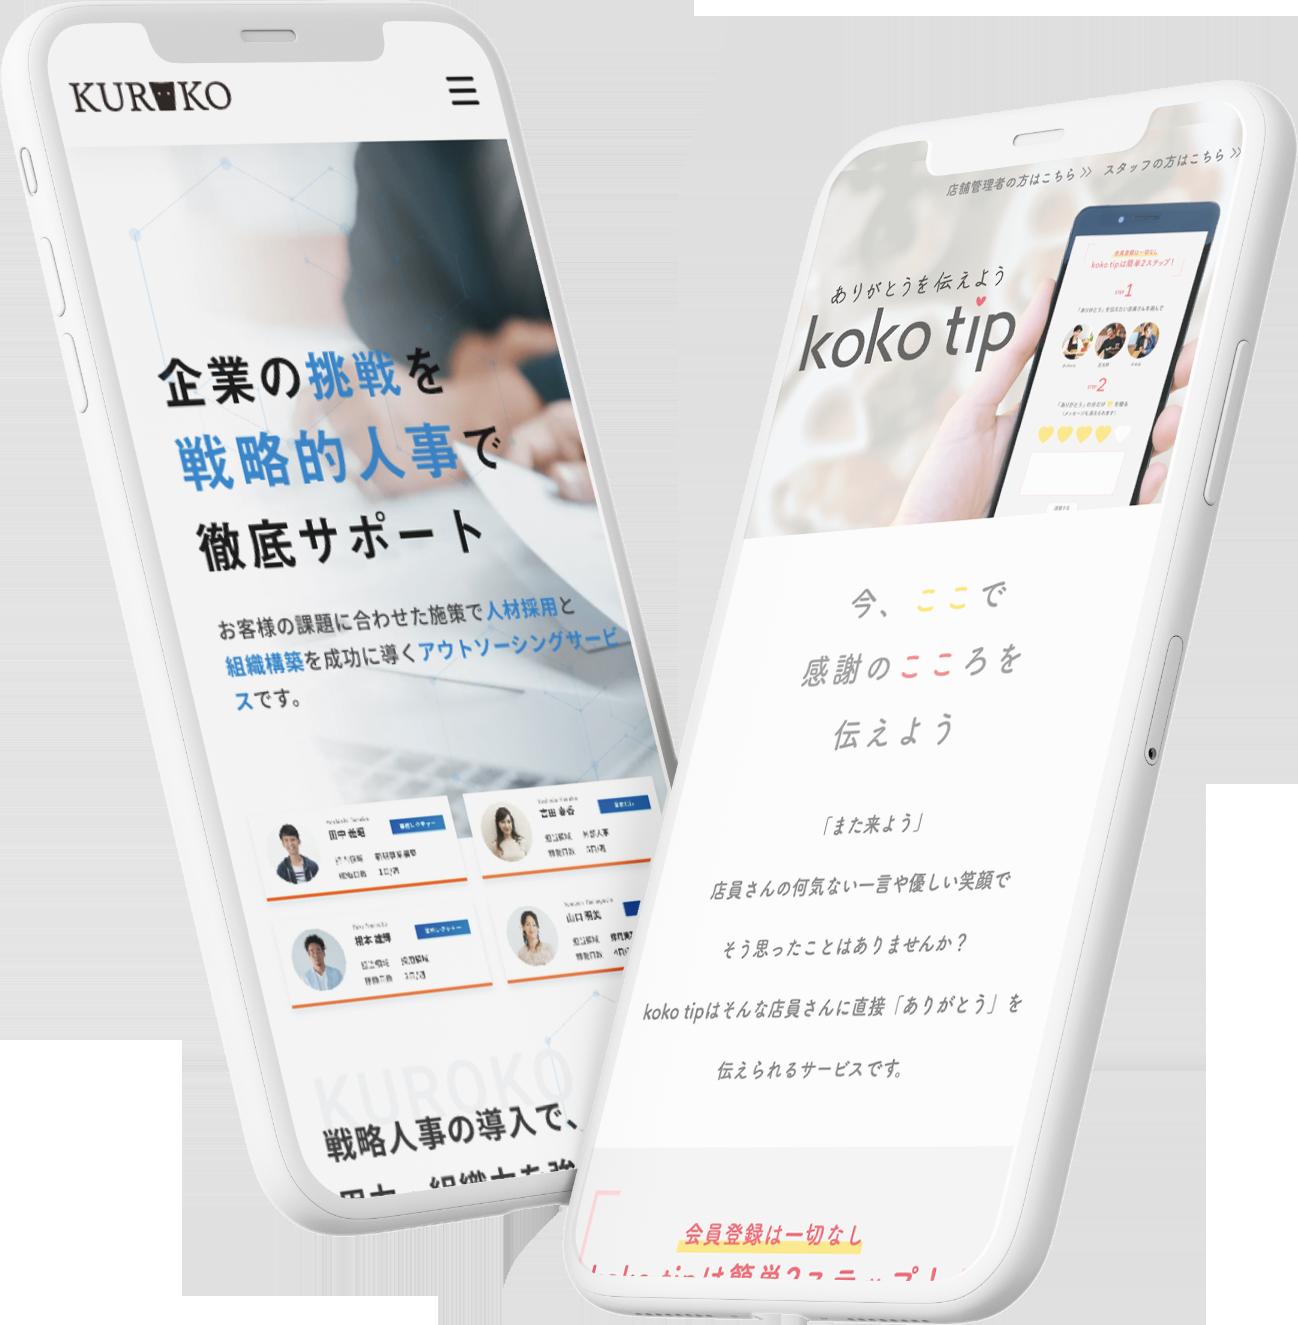 株式会社チャレンジファンドが展開するKUROKO(クロコ)とkokotip(ココチップ)のイメージ写真